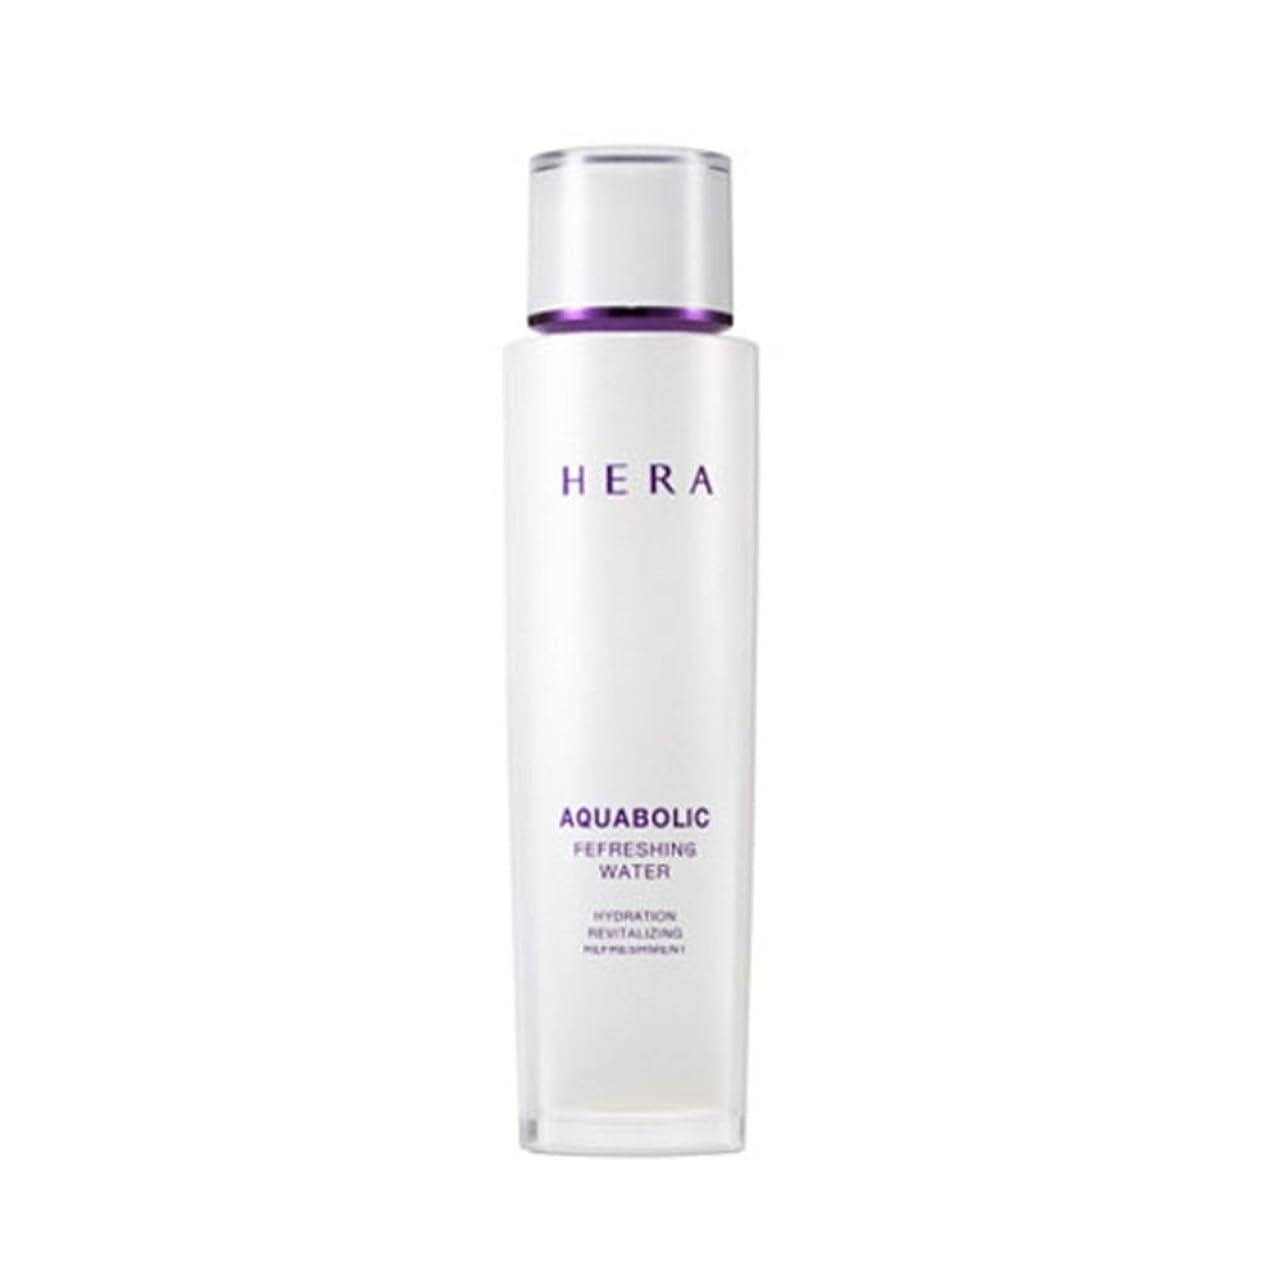 周術期明らかオーナメント(ヘラ) HERA アクアボリック リフレッシングウォーター (化粧水) 150ml / Aquabolic Refreshing Water 150ml (韓国直発送)